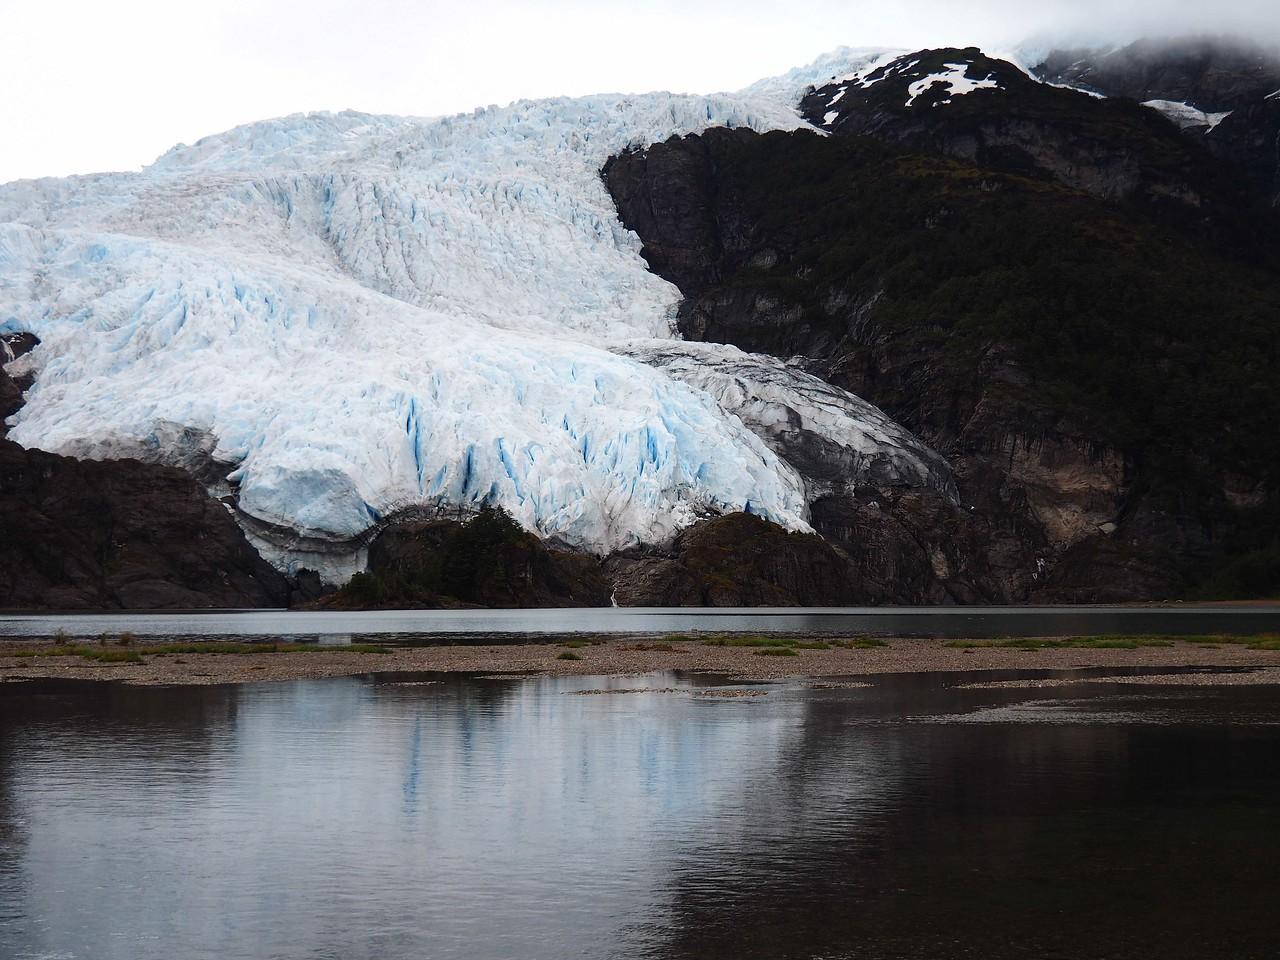 The Aguila Glacier